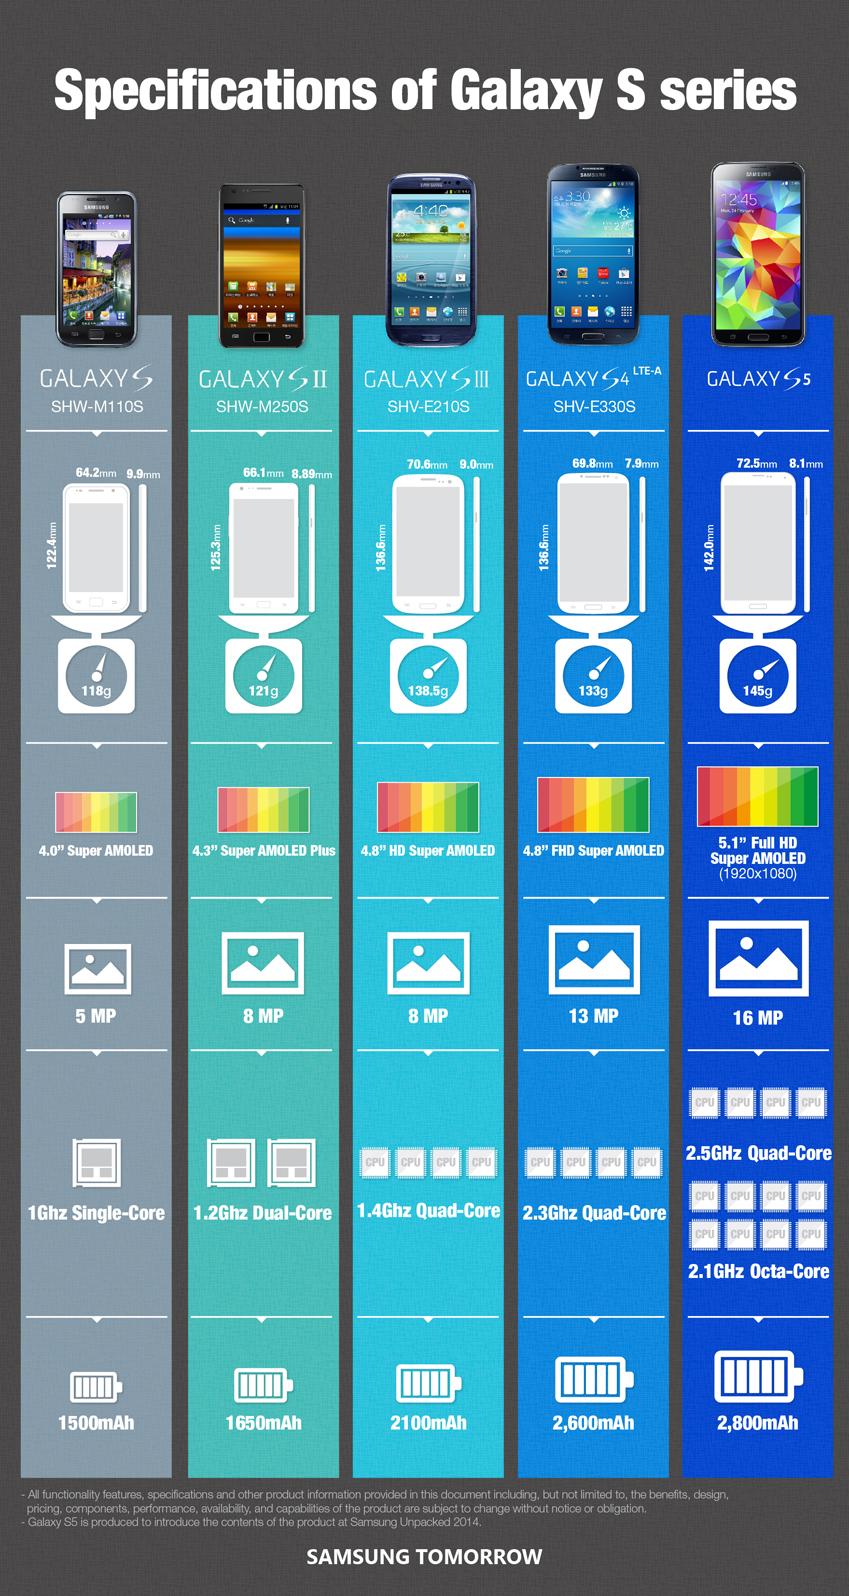 samsung hat das smartphone galaxy s5 vorgestellt. Black Bedroom Furniture Sets. Home Design Ideas